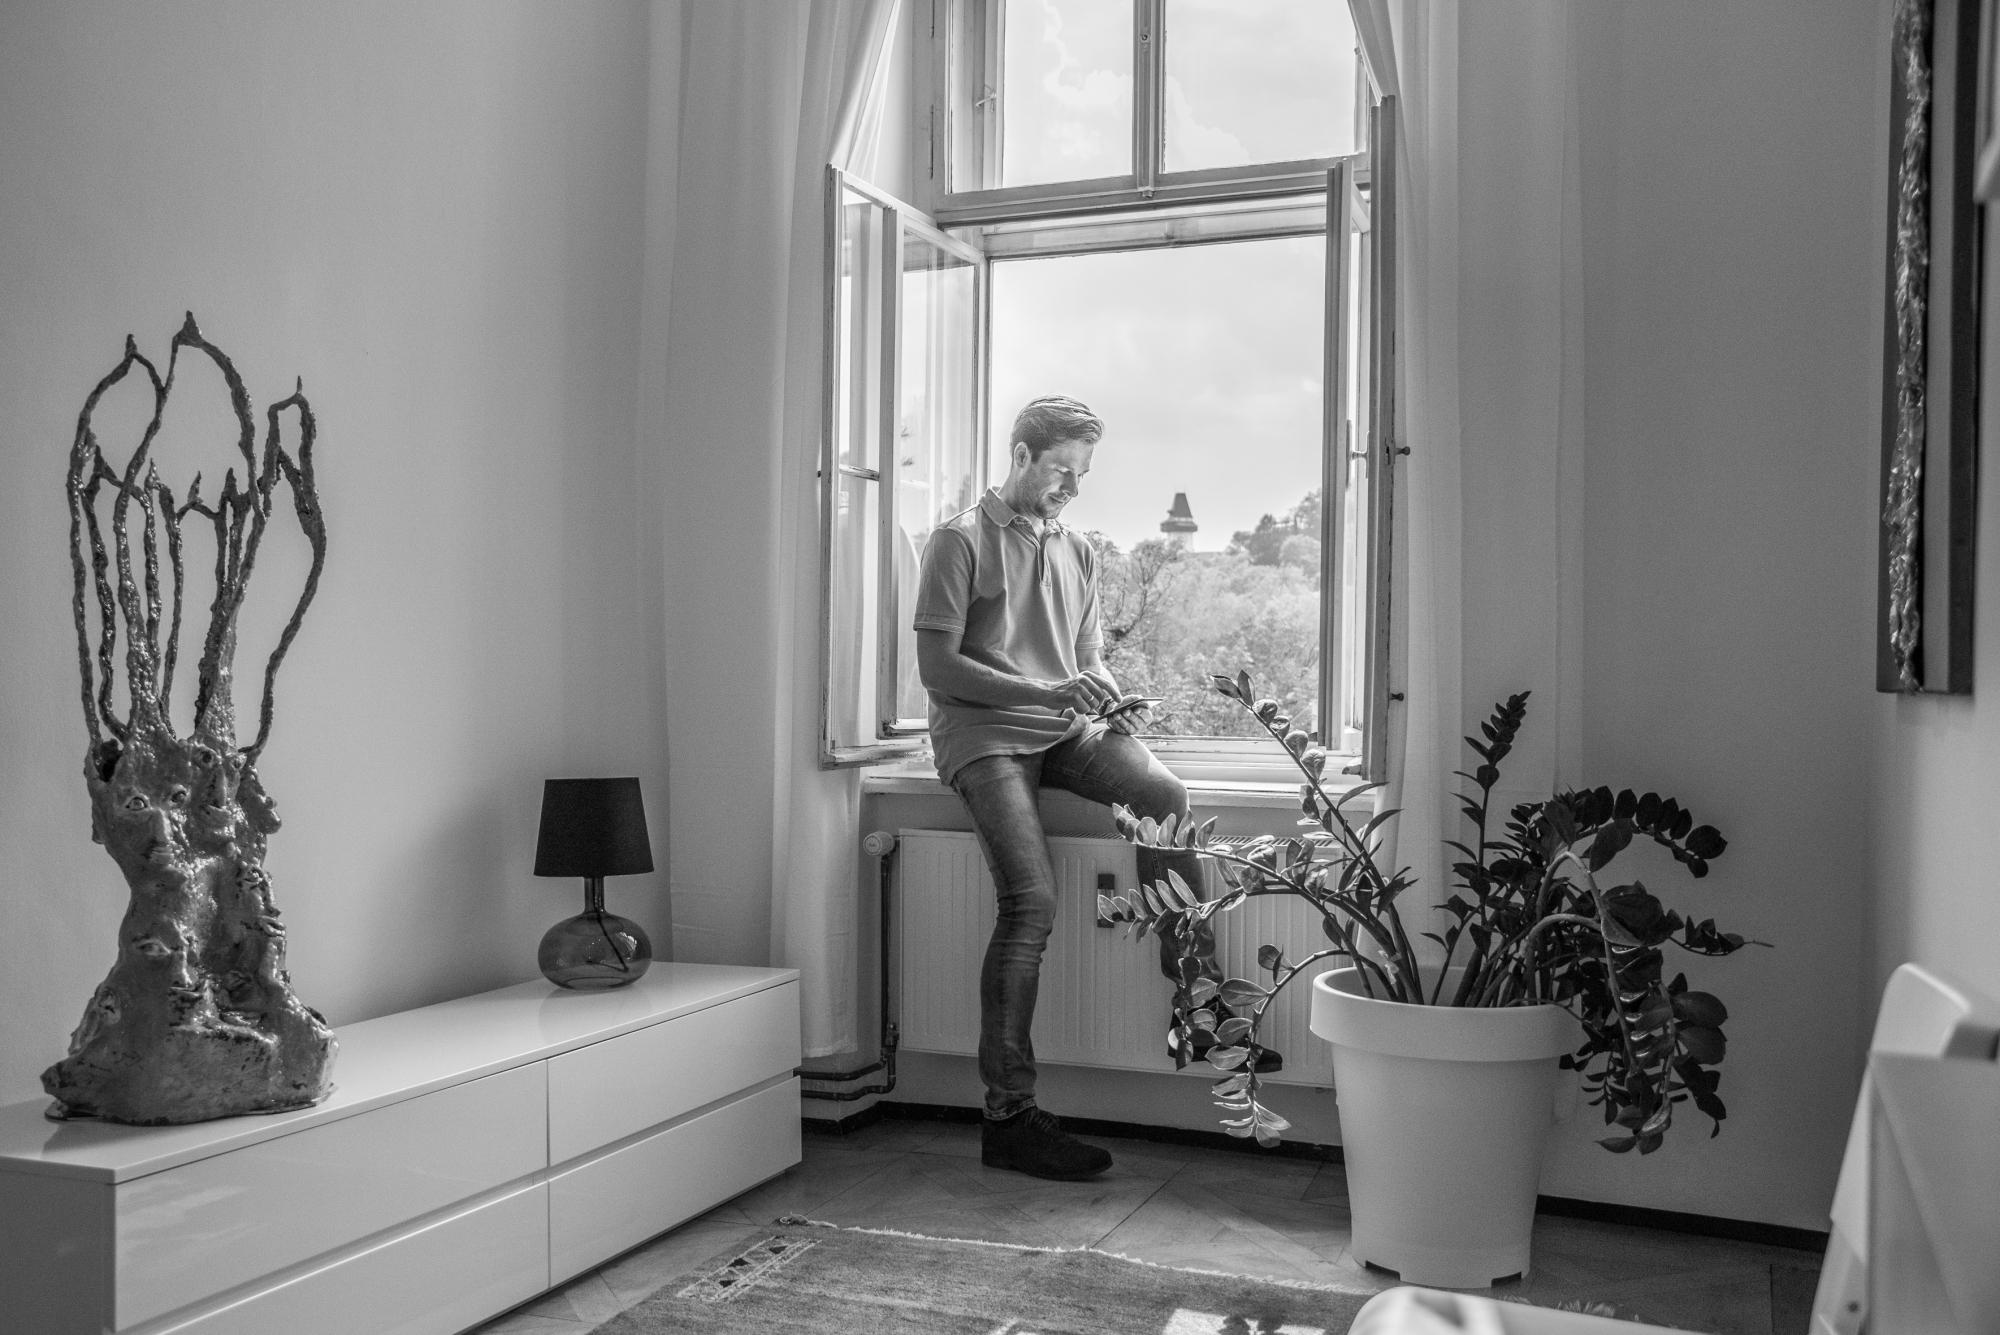 Aufnahme von Stefan Schwarz in seiner Praxis. Er hält sein Handy und tippt Kontaktdaten ein.